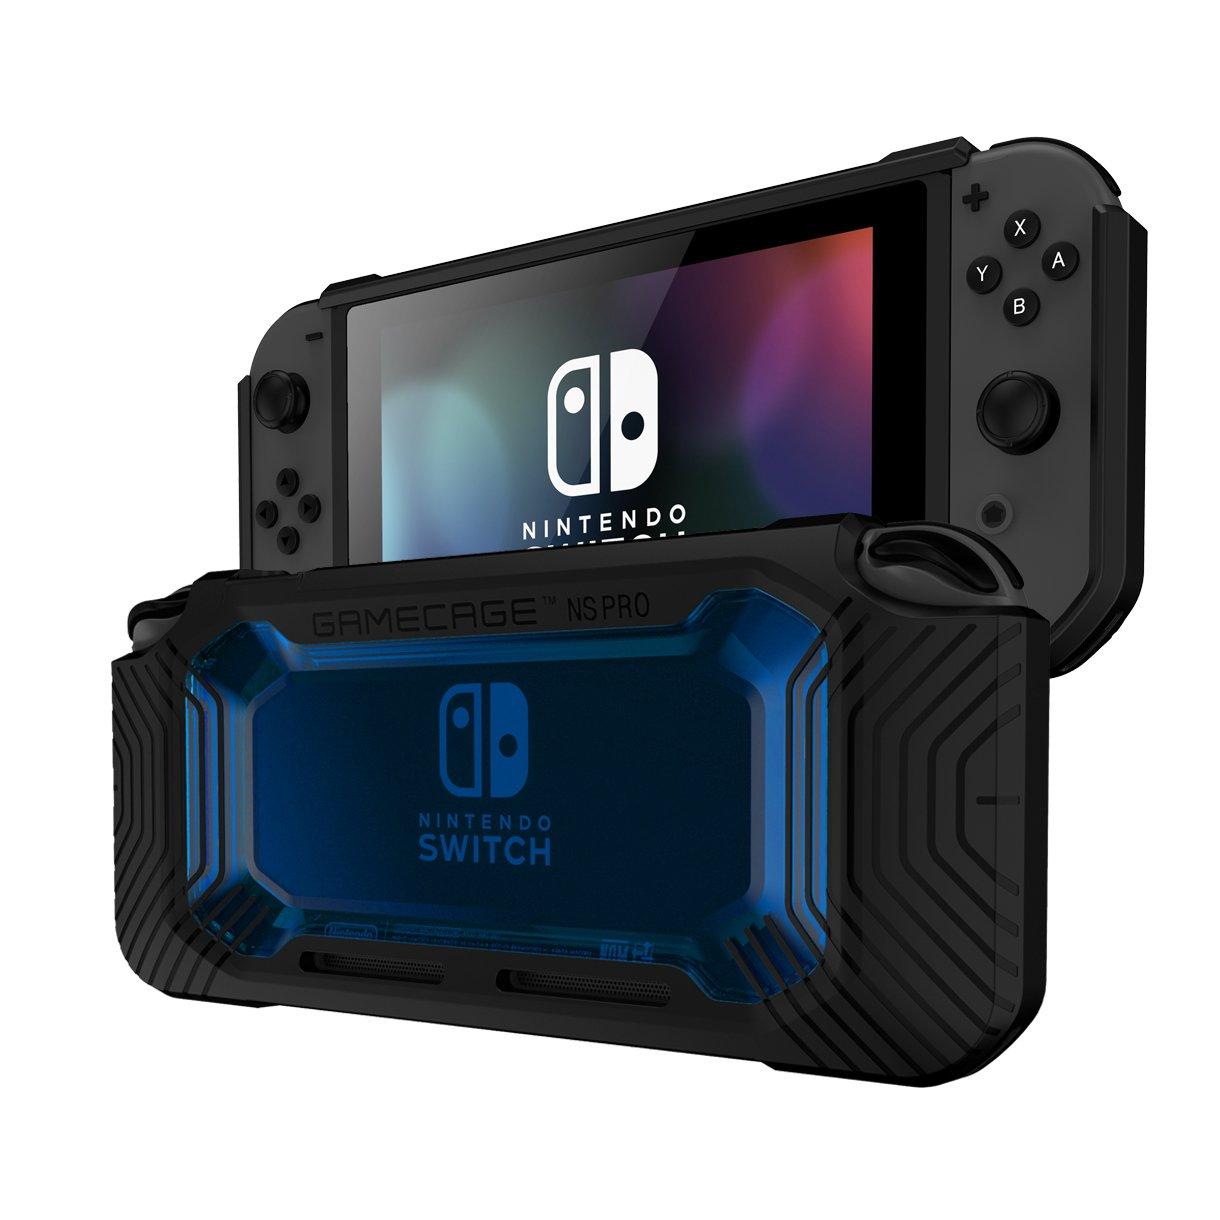 Rollcage - Carcasa para Nintendo Switch (policarbonato Duro, Poliuretano termoplástico), Color Negro y Rosa y Gris: Amazon.es: Electrónica